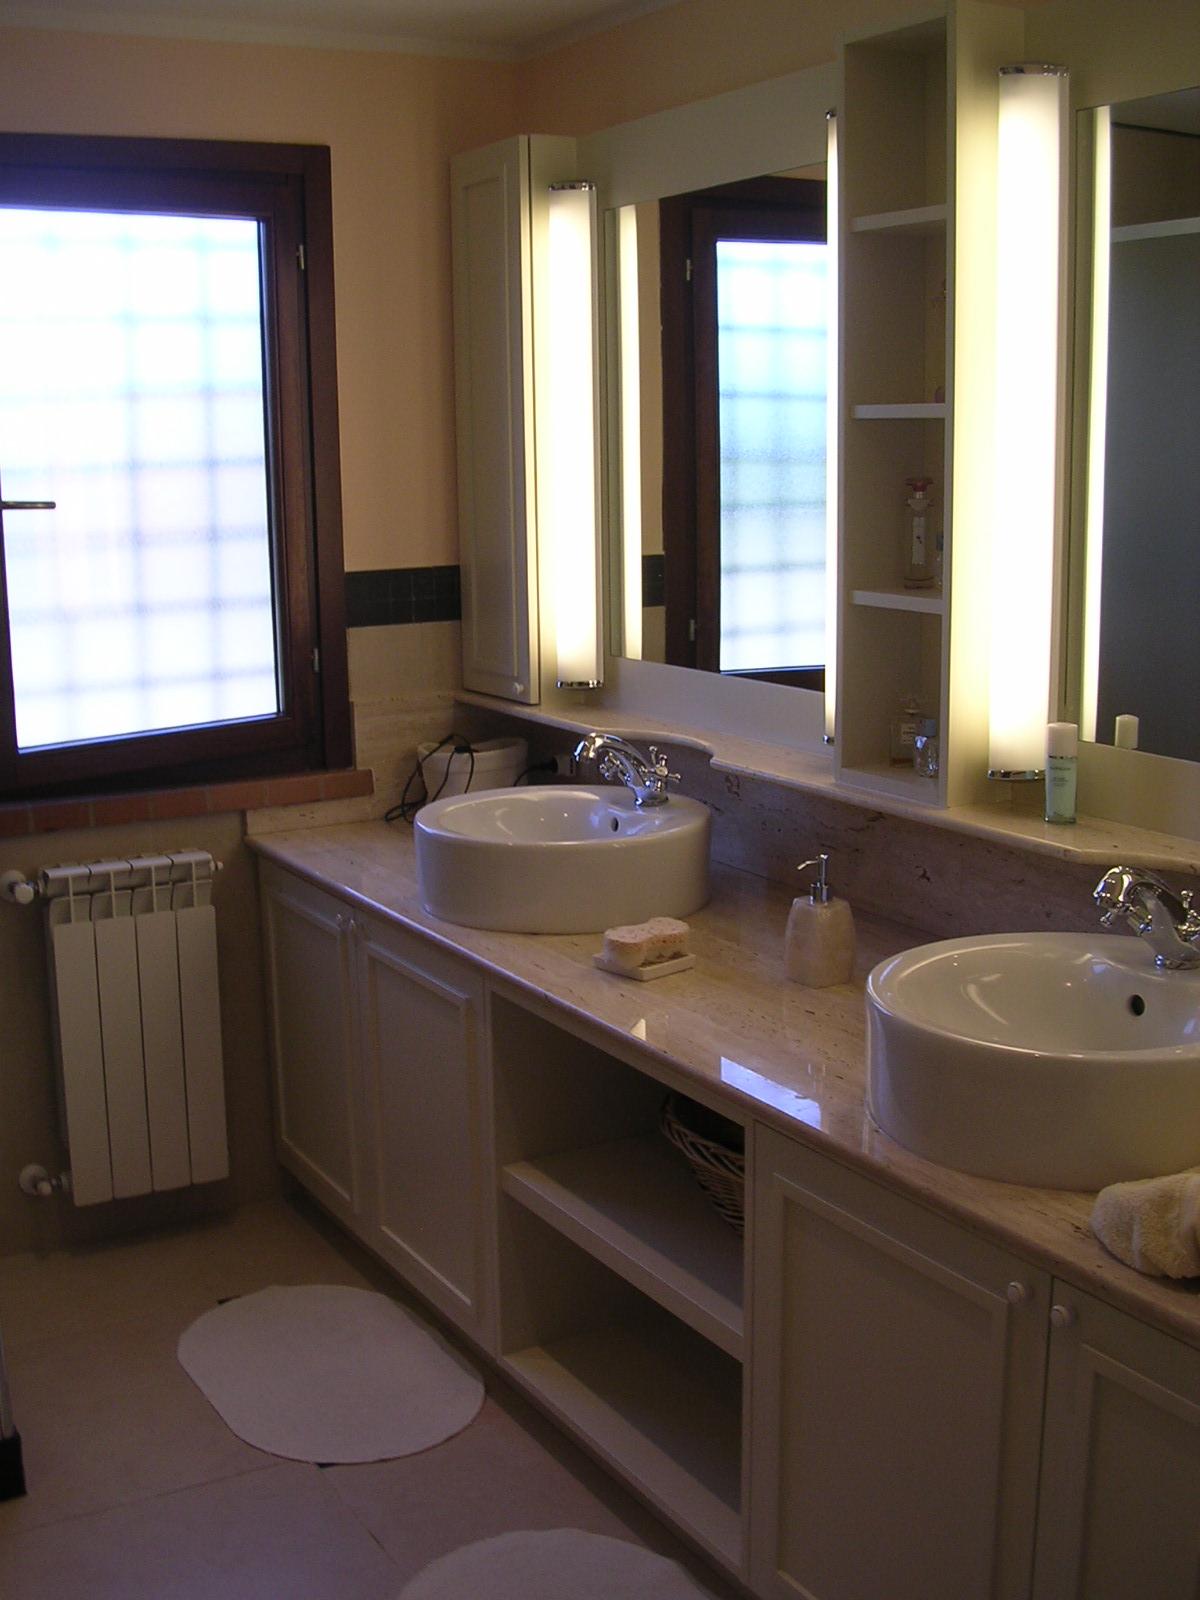 Arredamento di un bagno rdarredamenti roma falegnameria for Immagini di arredo bagno